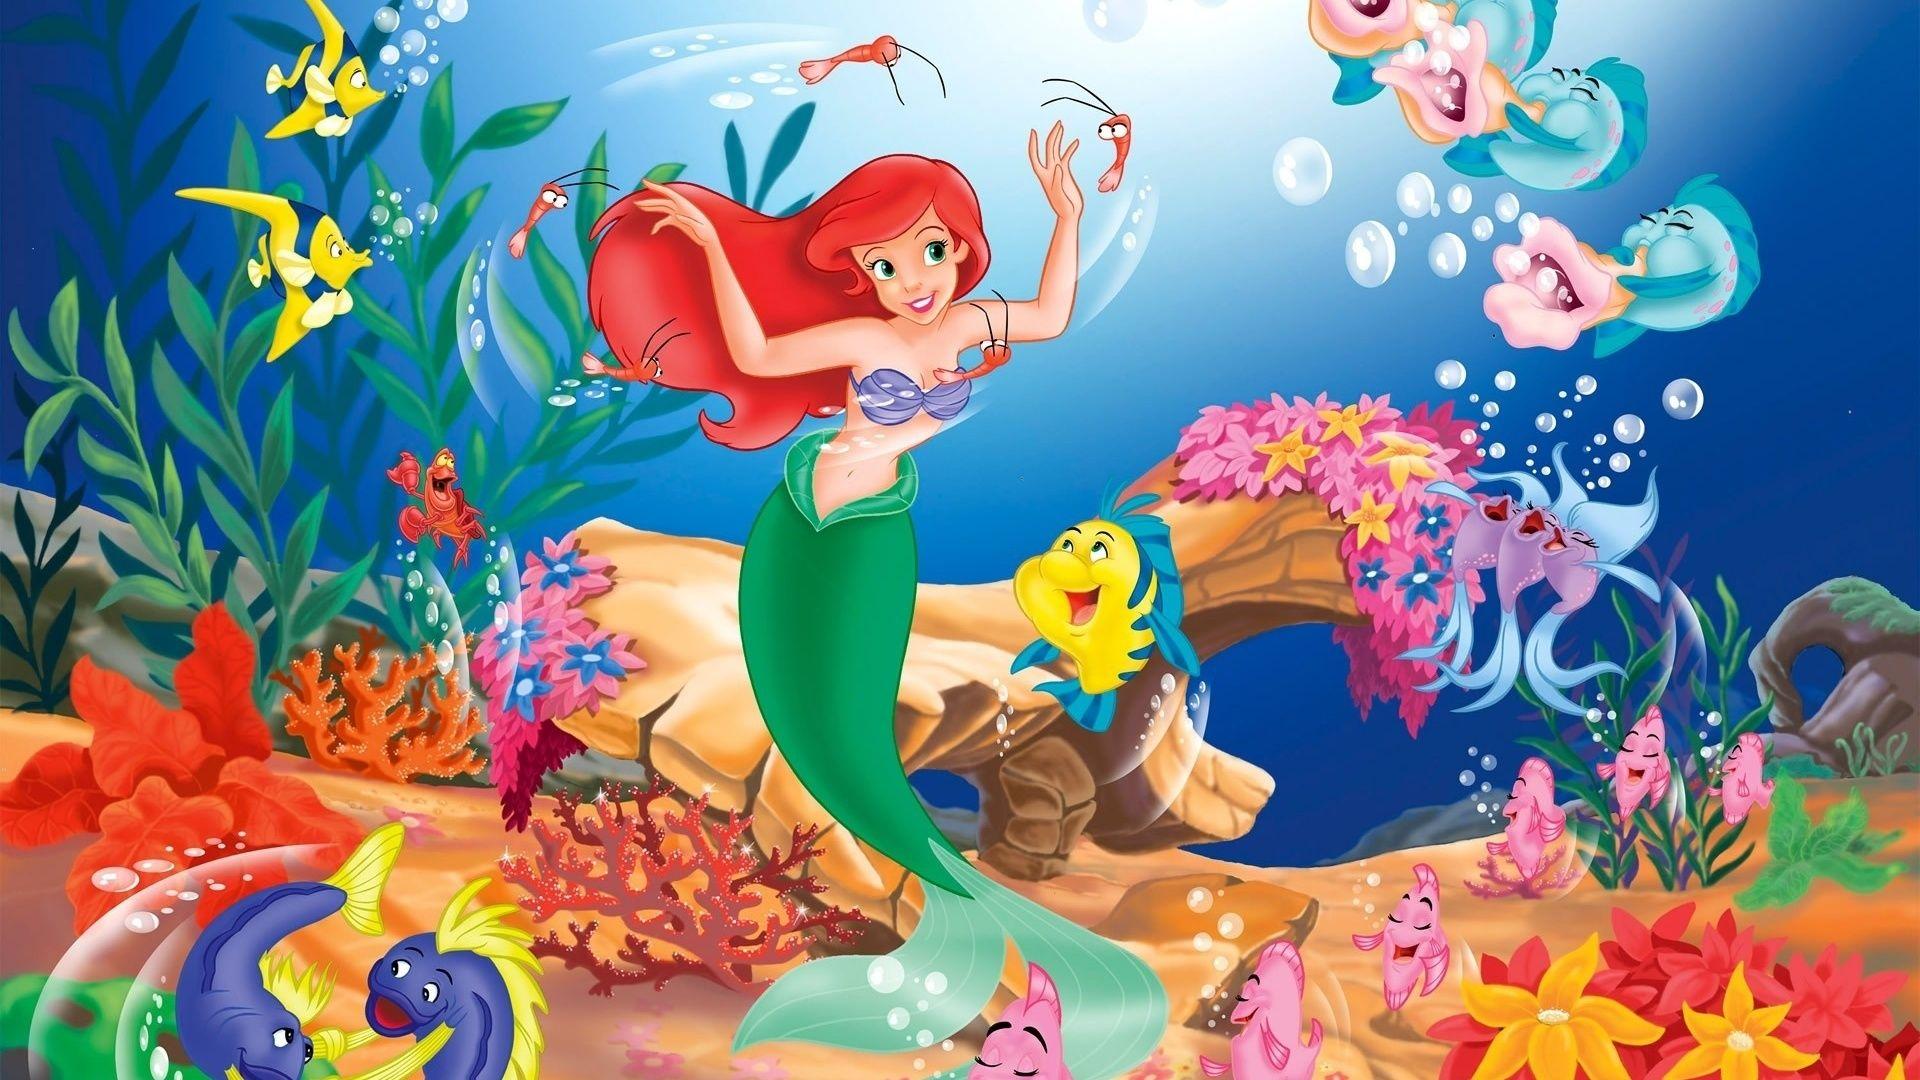 Cartoon Hd Desktop Wallpapers Free Download Jpg 1920 1080 Mermaid Cartoon Little Mermaid Wallpaper Mermaid Wallpapers